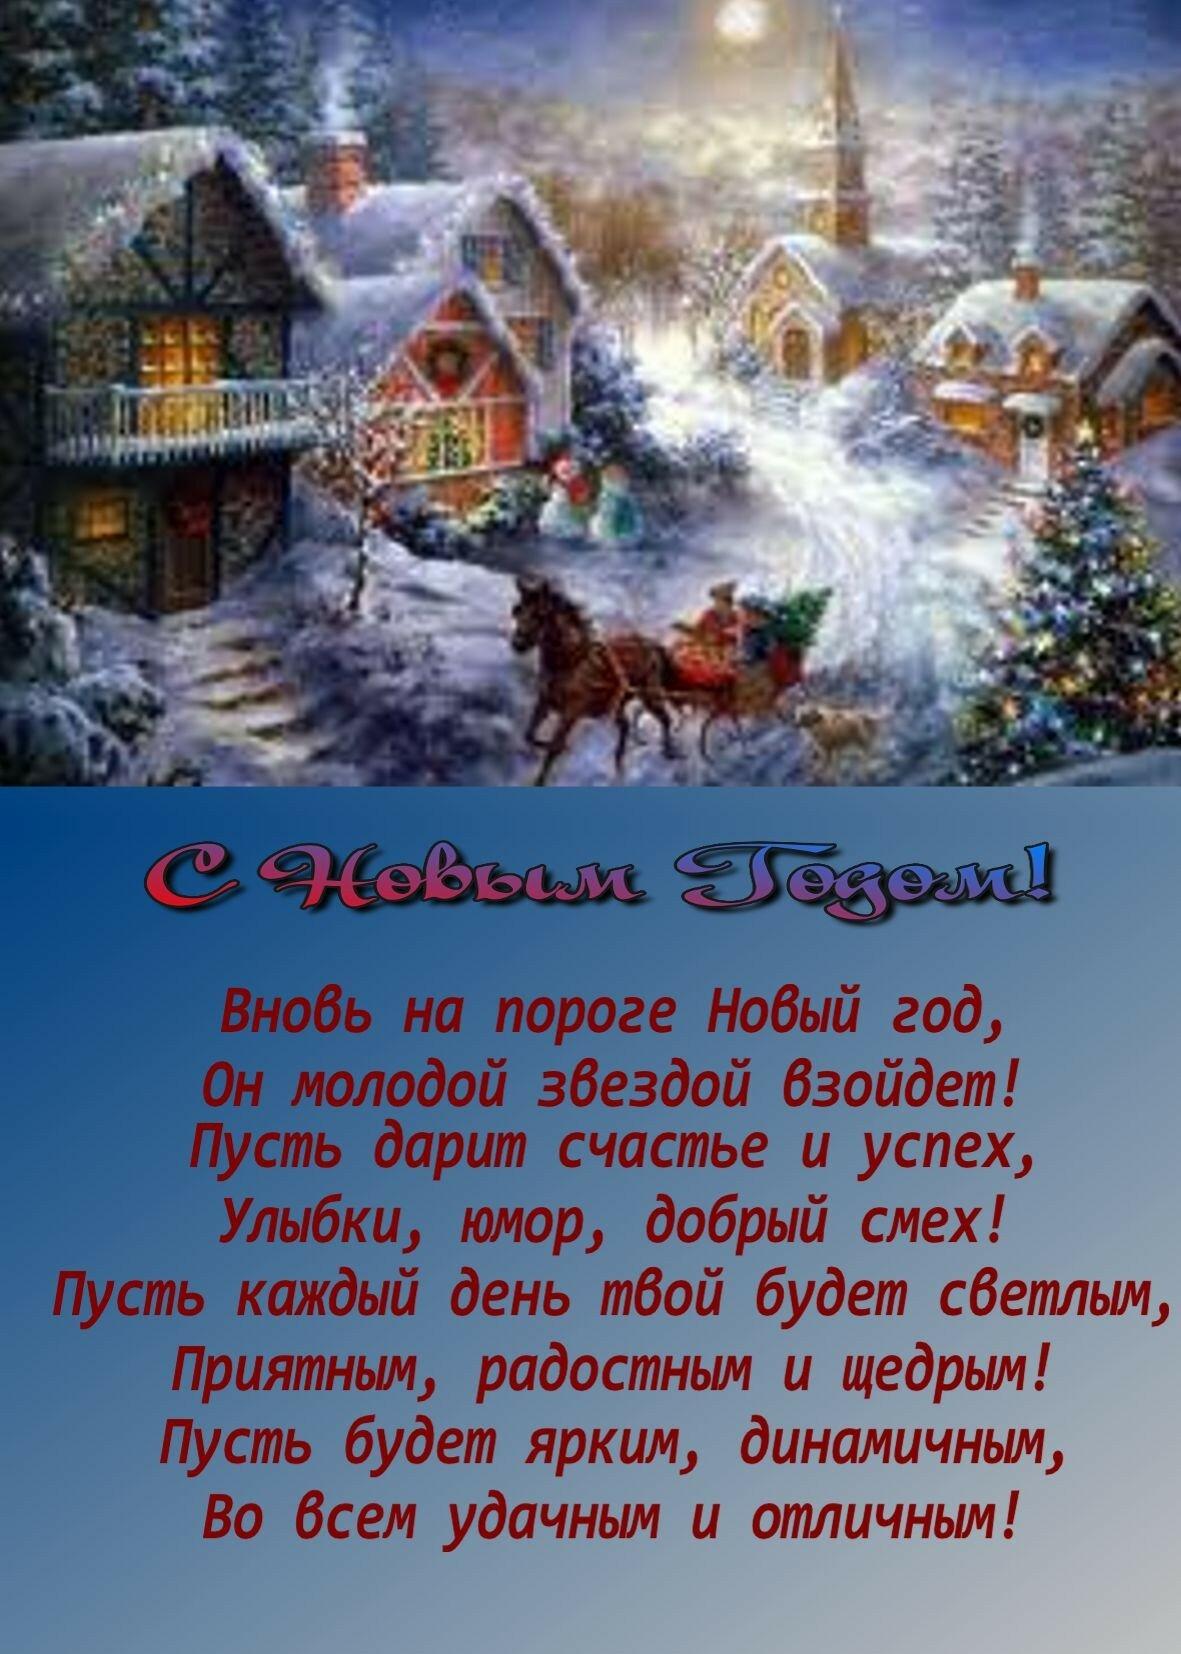 картинки новогоднего поздравления стихами квартиру